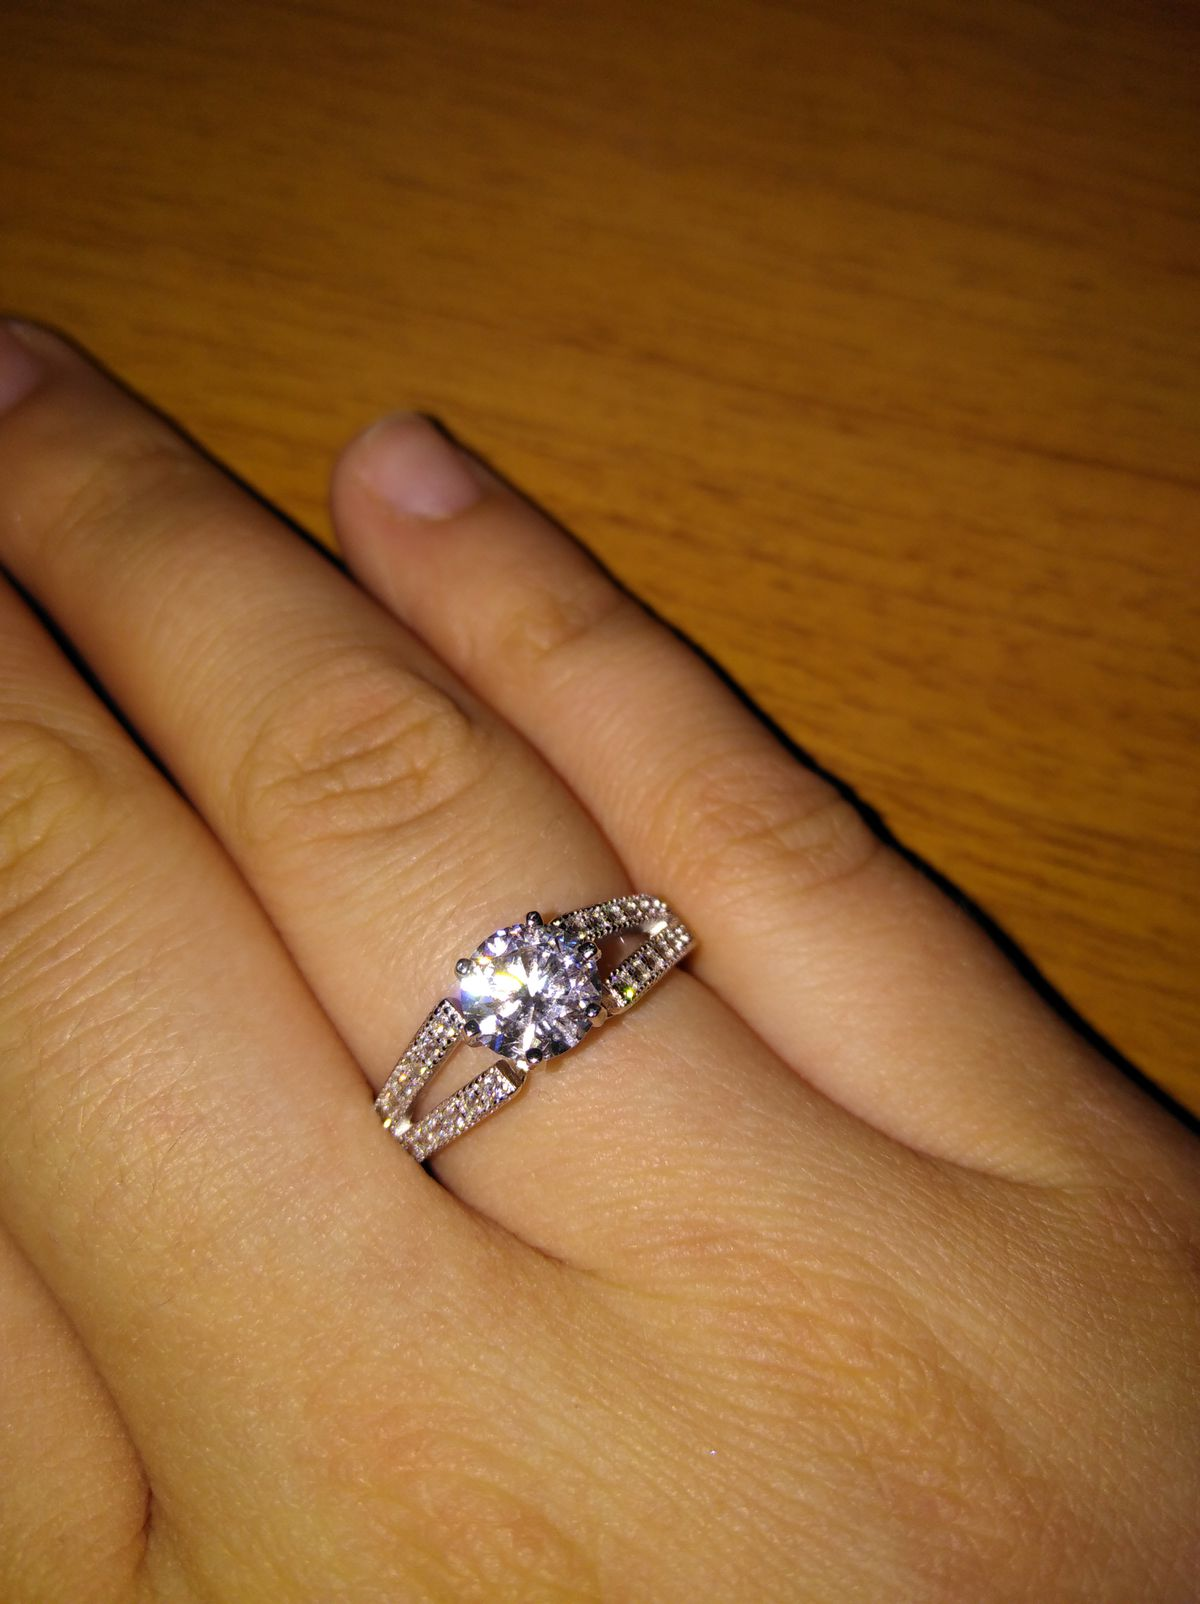 Это прекрасное и красивое кольцо, рекомендую